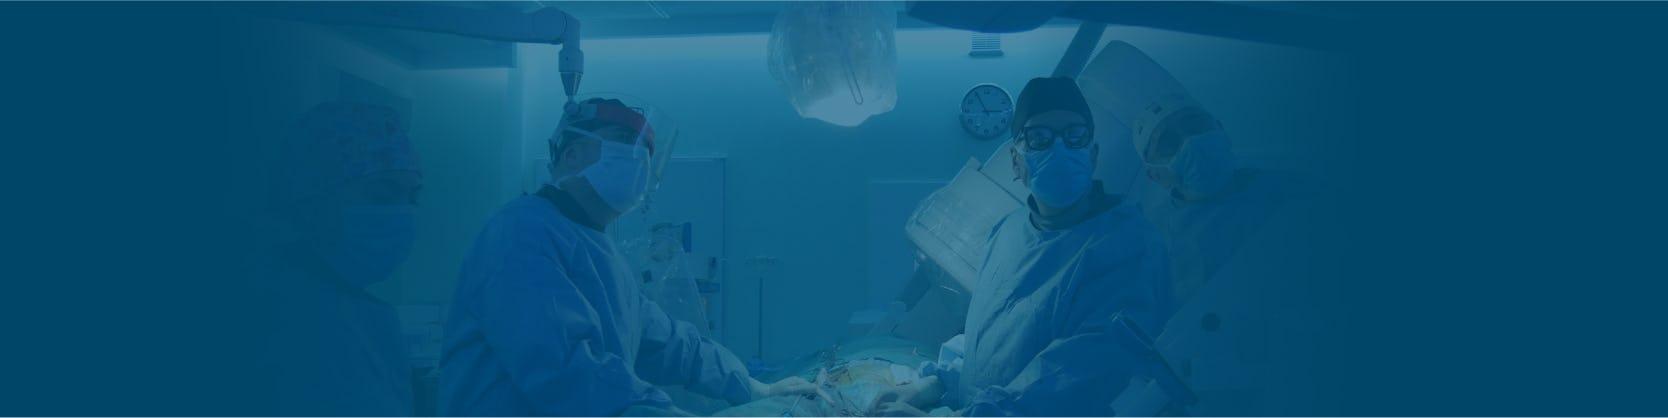 Embolizare hemangiom   Centrele Ares   Angiologie Pediatrica